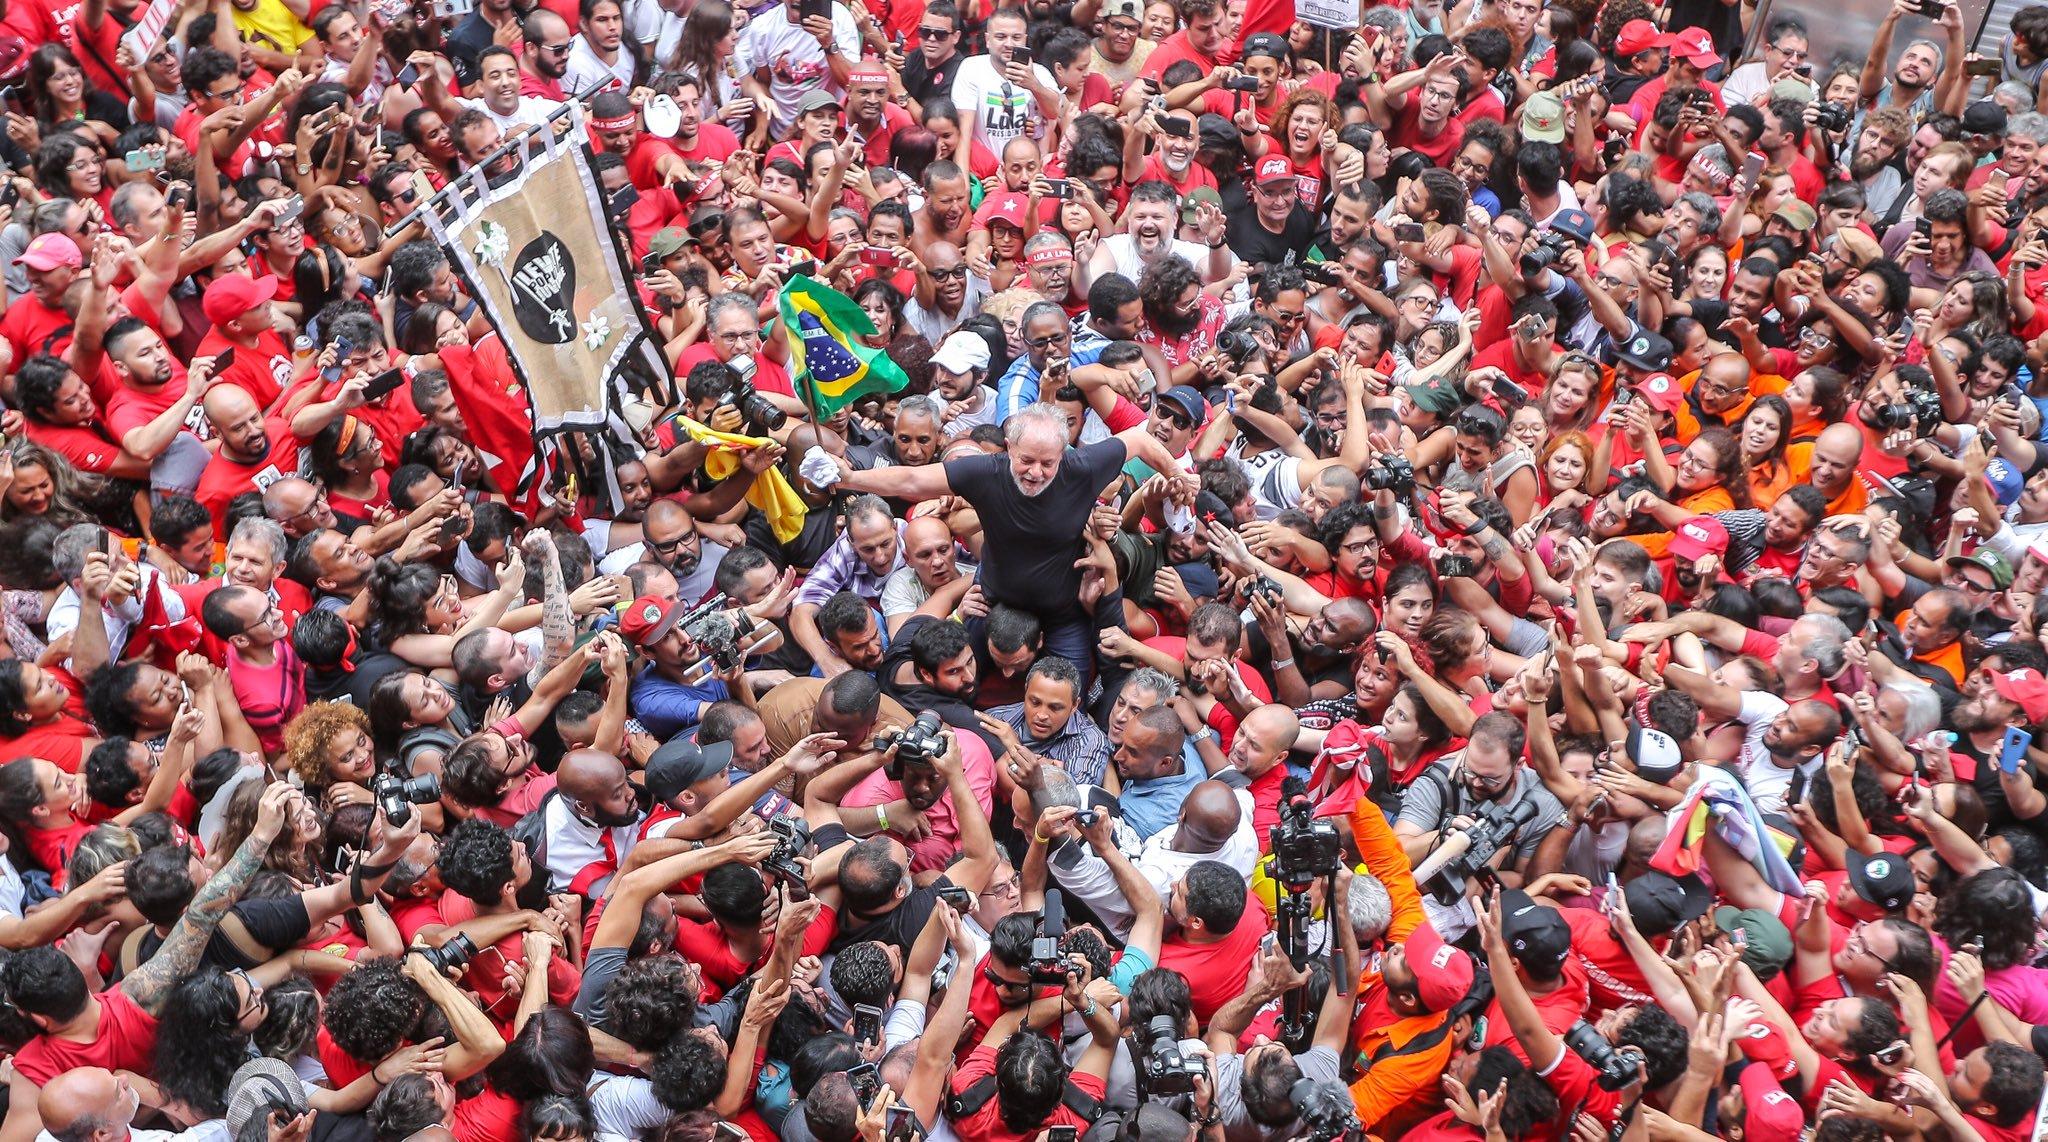 Paulo Pimenta: O árduo caminho até 2022